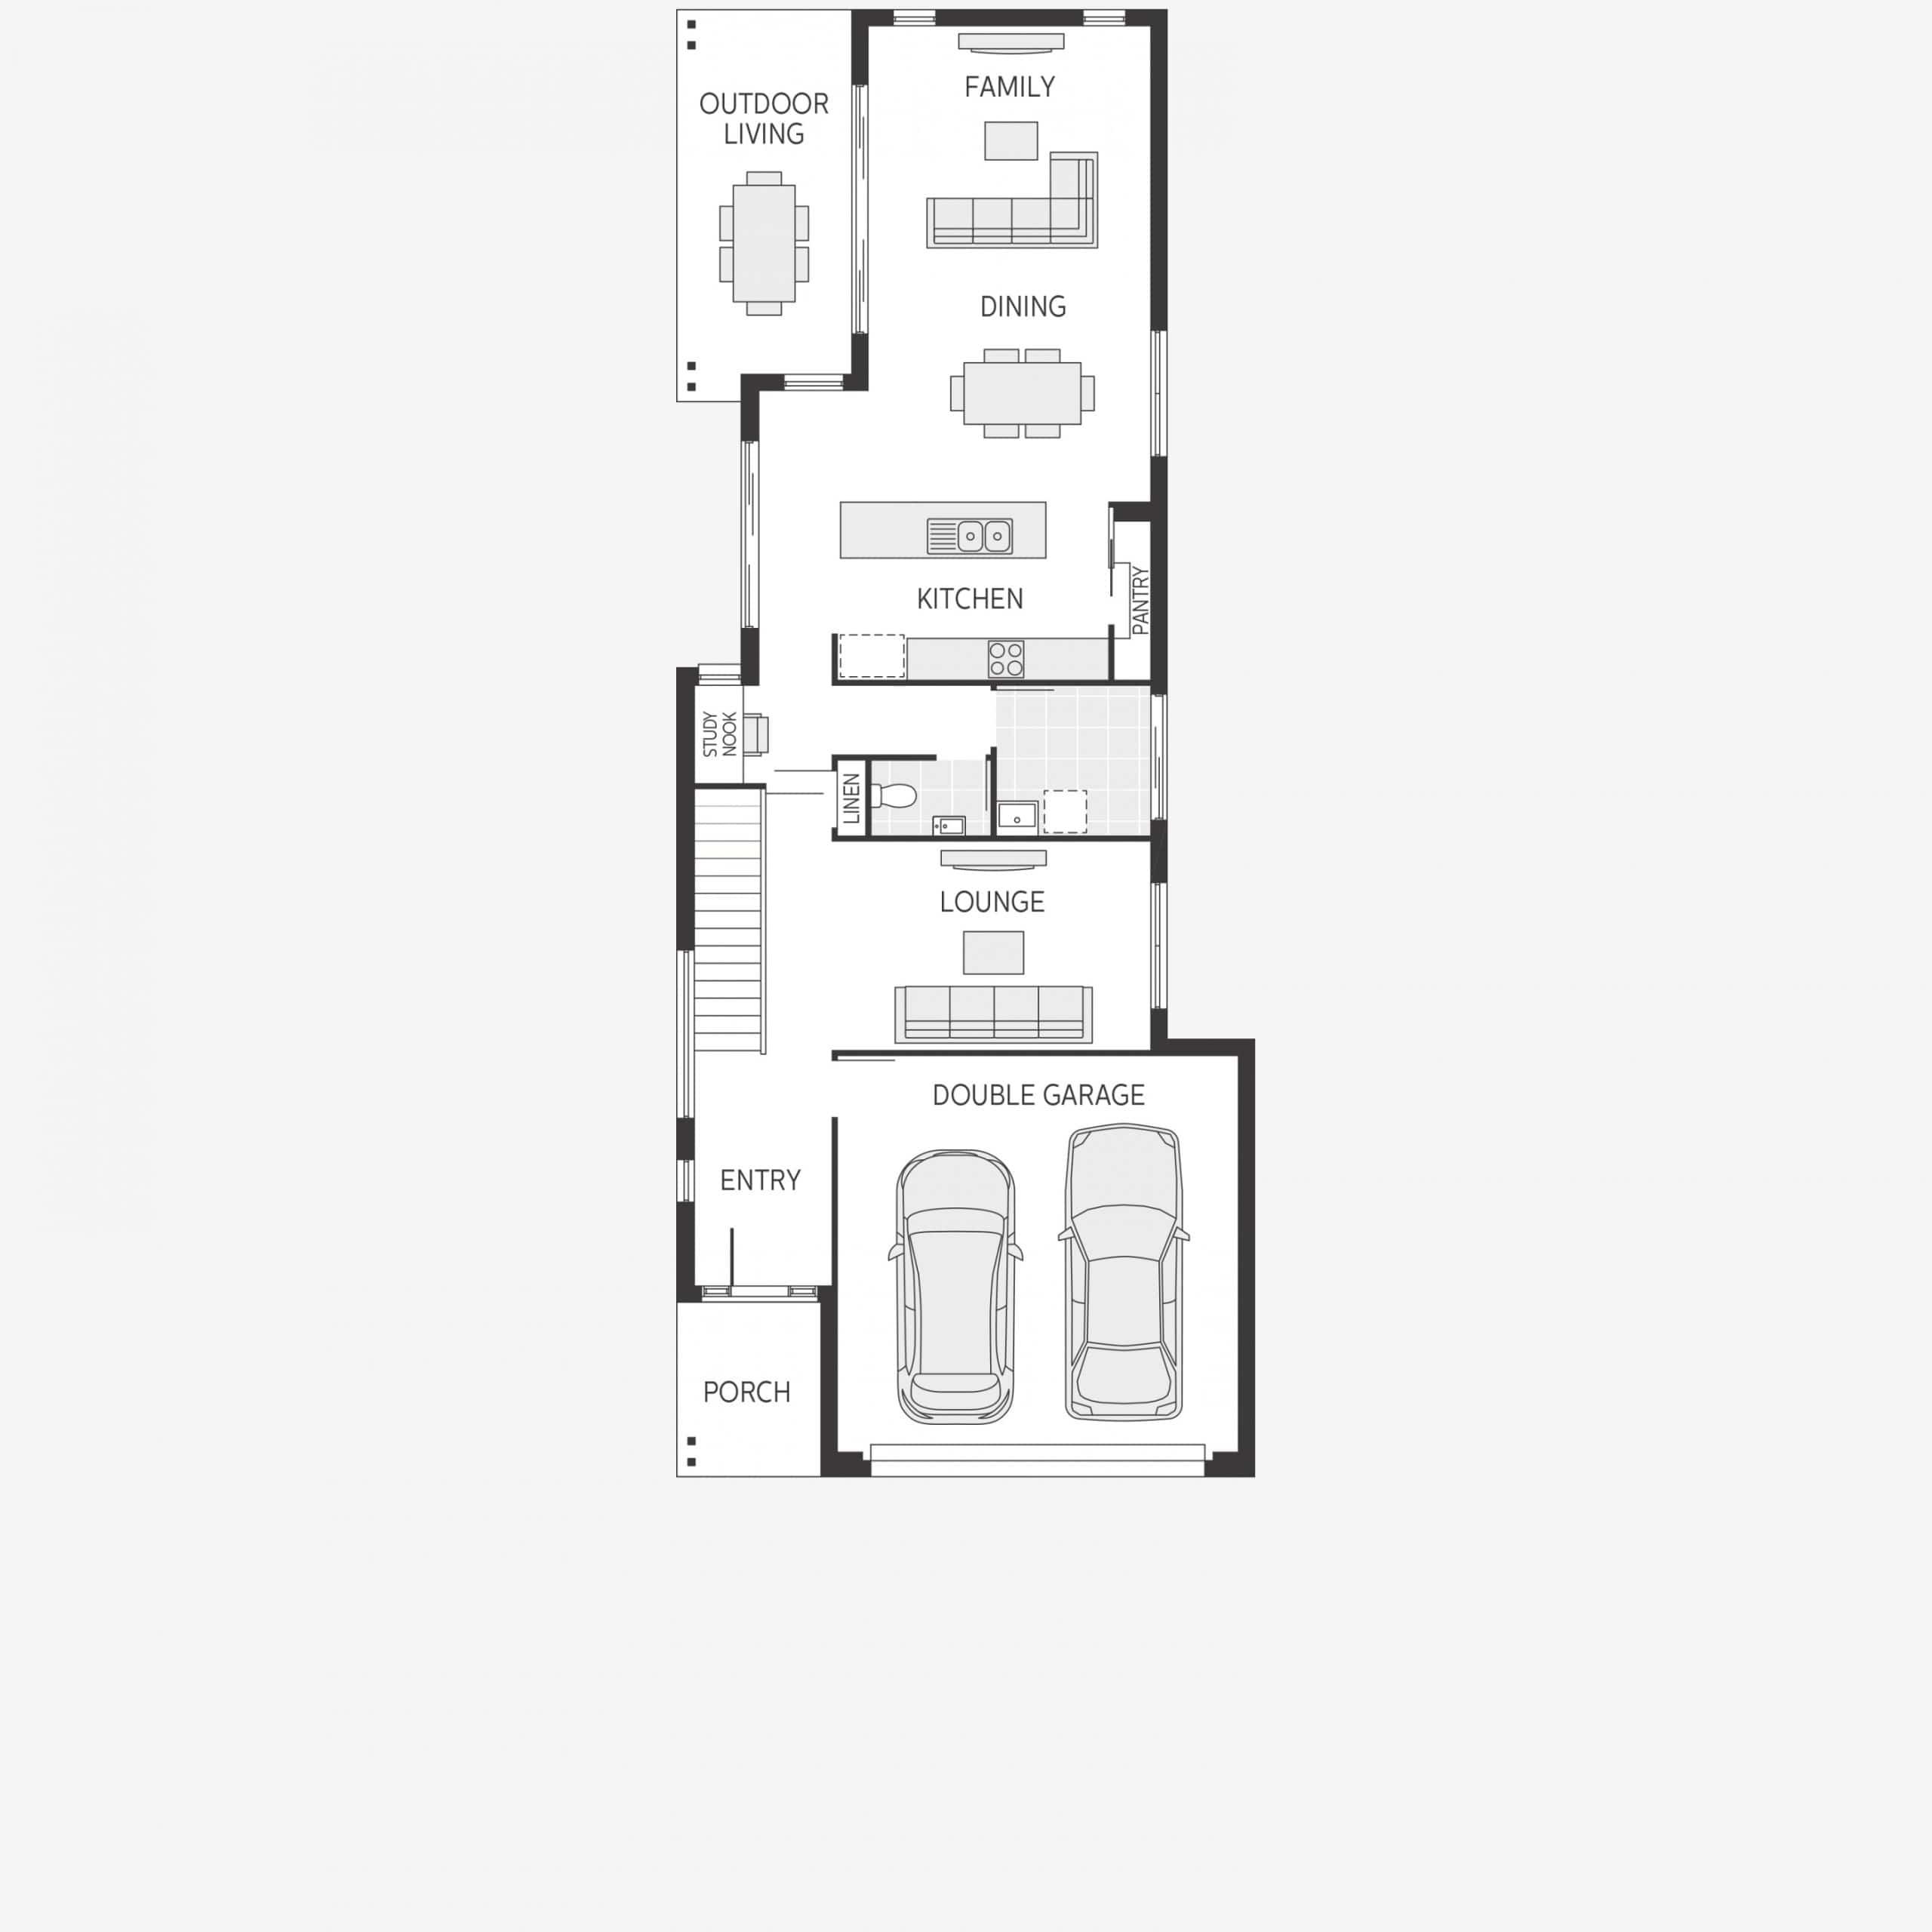 Dise os de casas ideas con planos y fotos construye hogar for Modelos planos de casas para construir